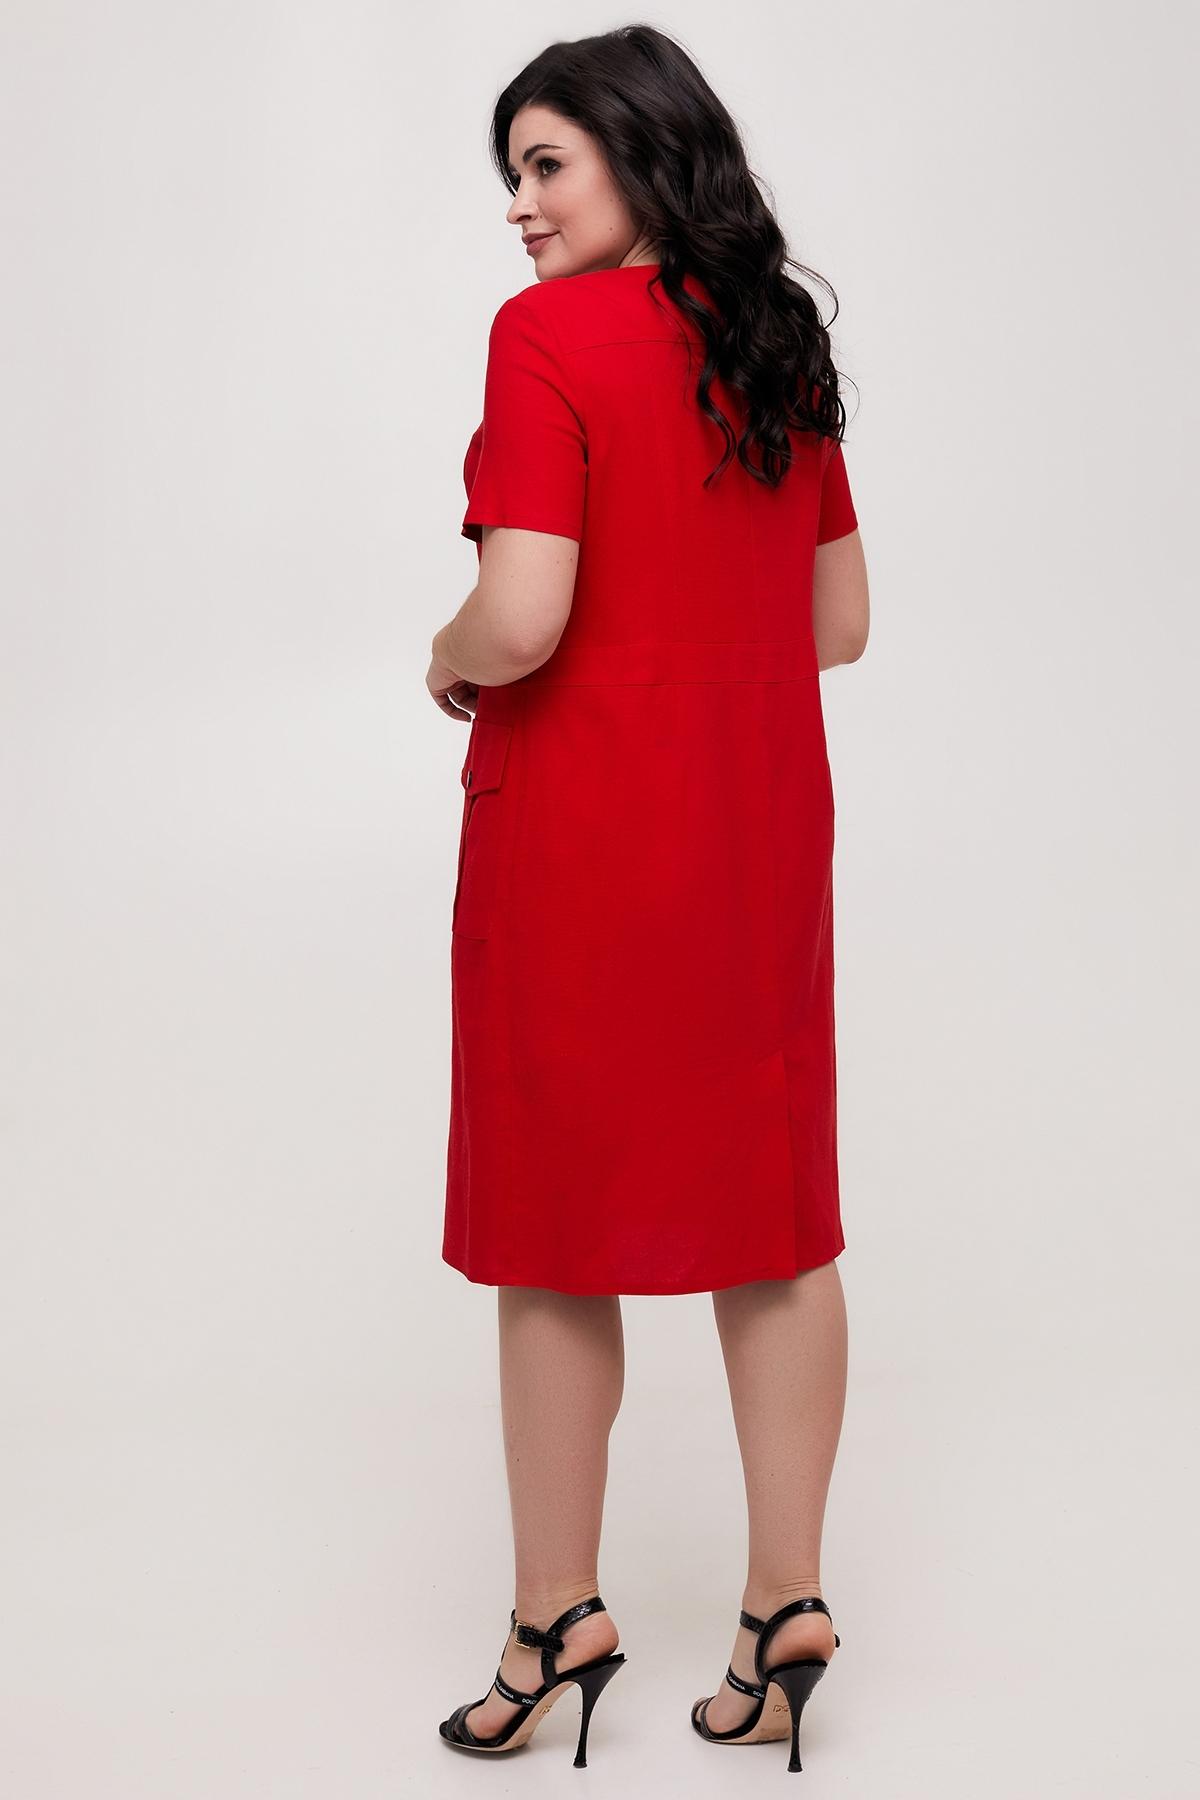 Сукня Аркадія (Аркадия) (червоний)